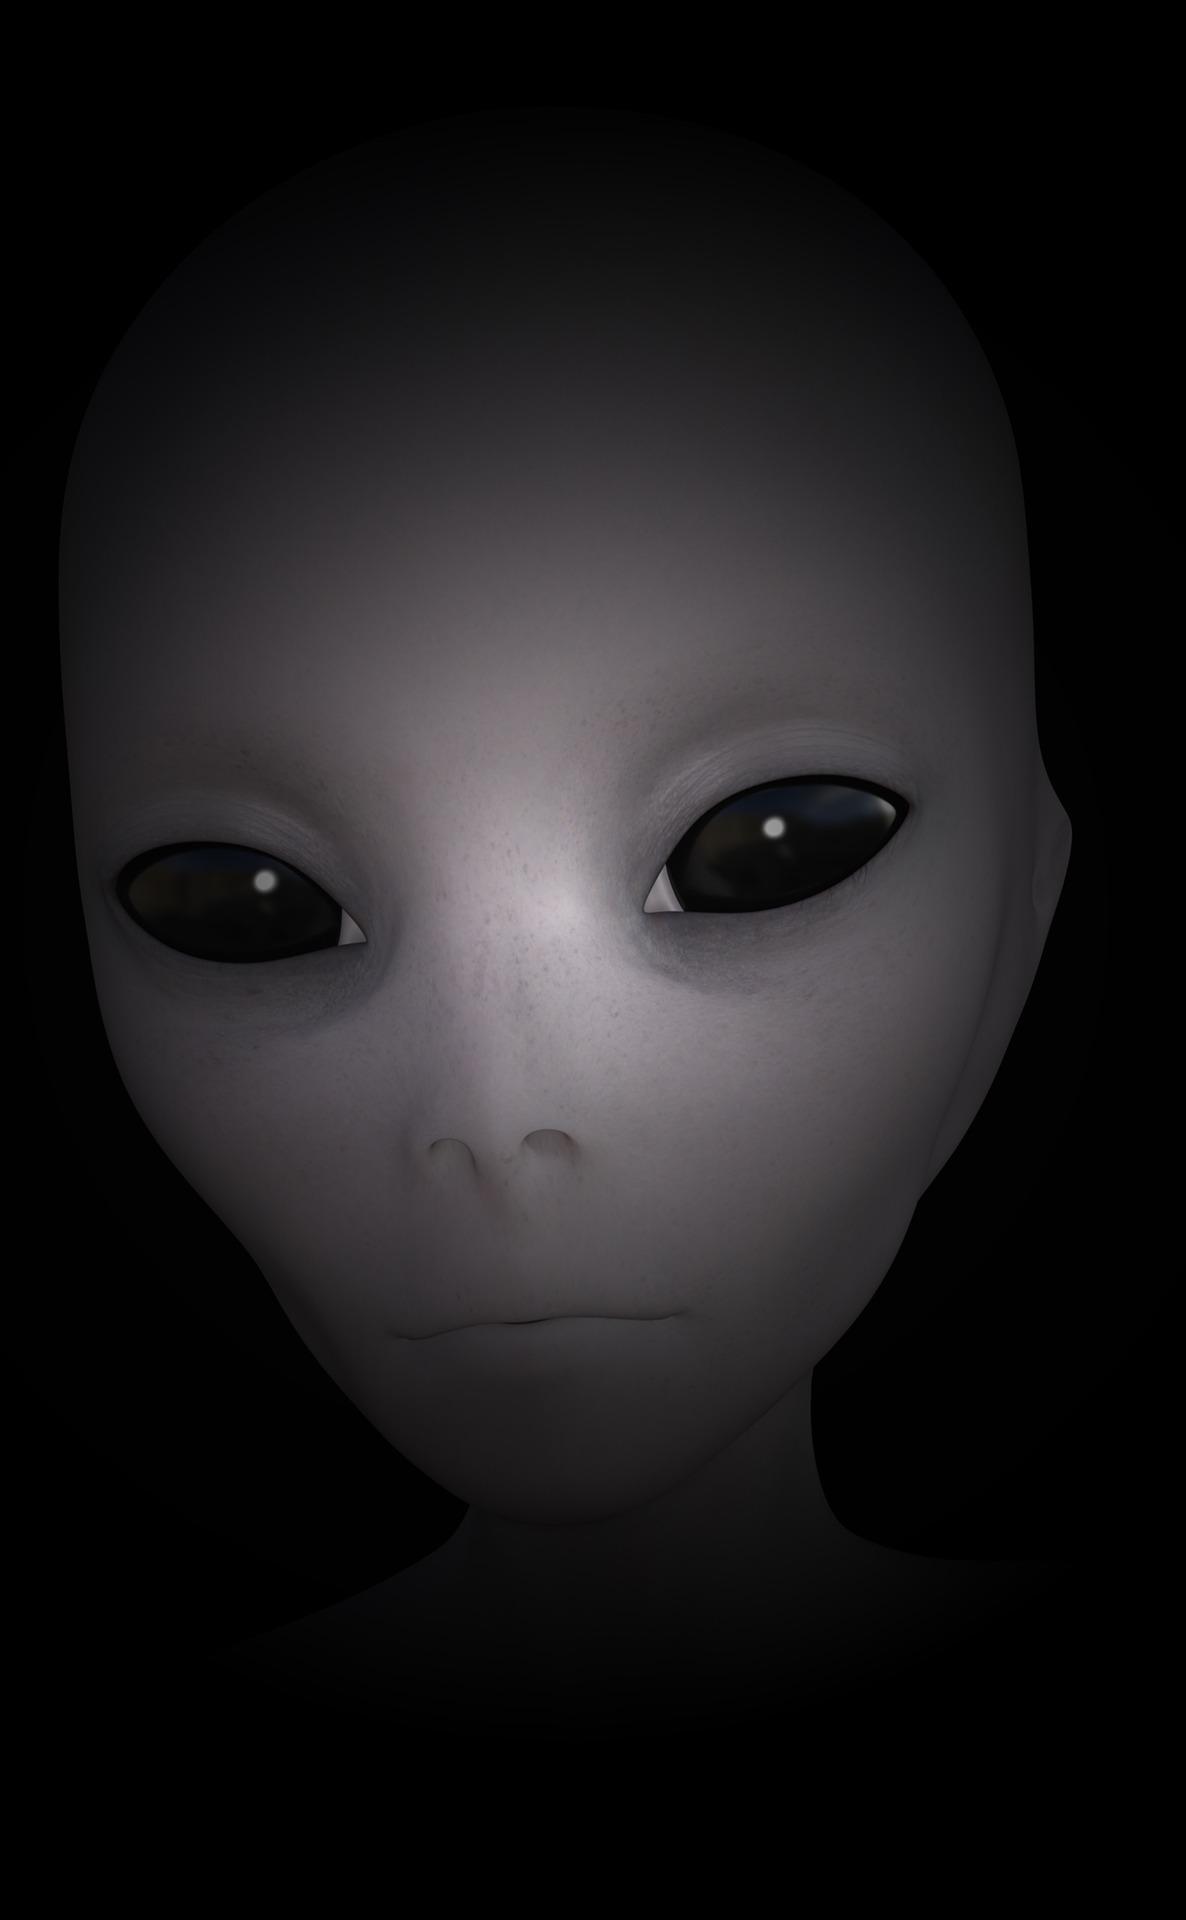 alien 1534975 1920 - Křesťané sami vyučují o existenci mimozemšťanů